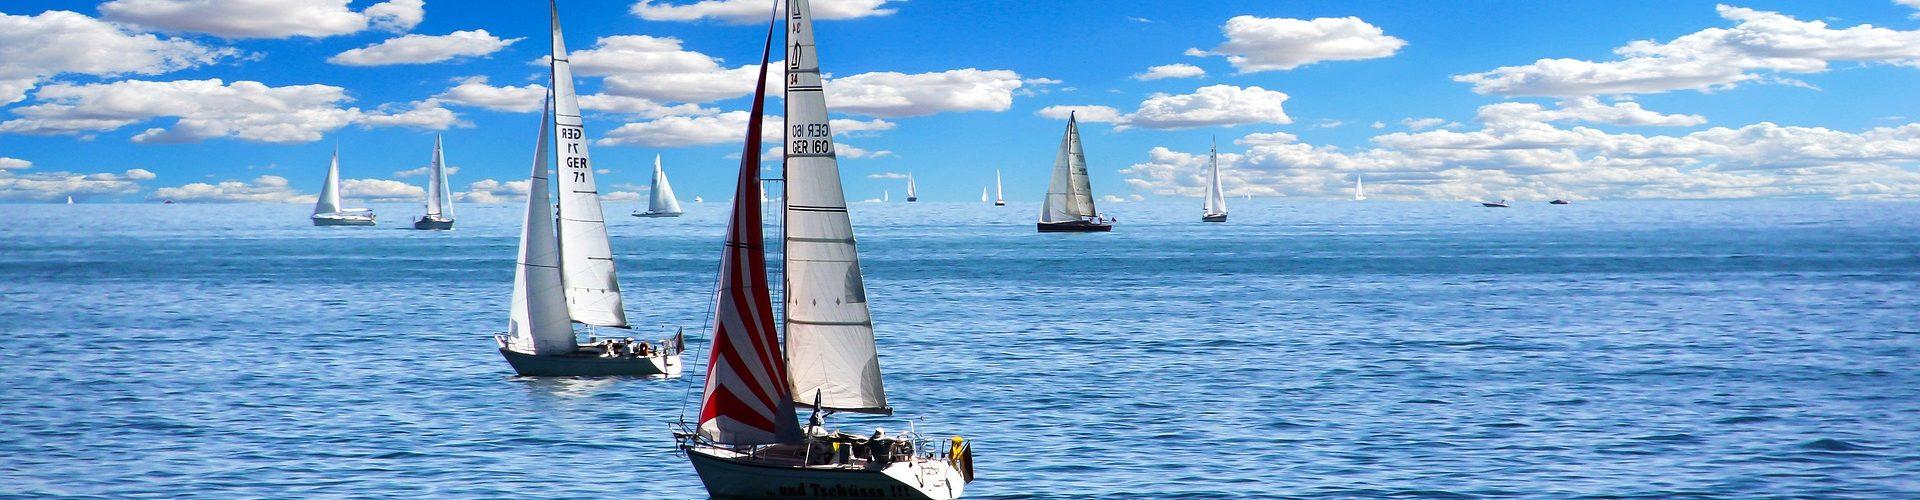 segeln lernen in Schleswig segelschein machen in Schleswig 1920x500 - Segeln lernen in Schleswig